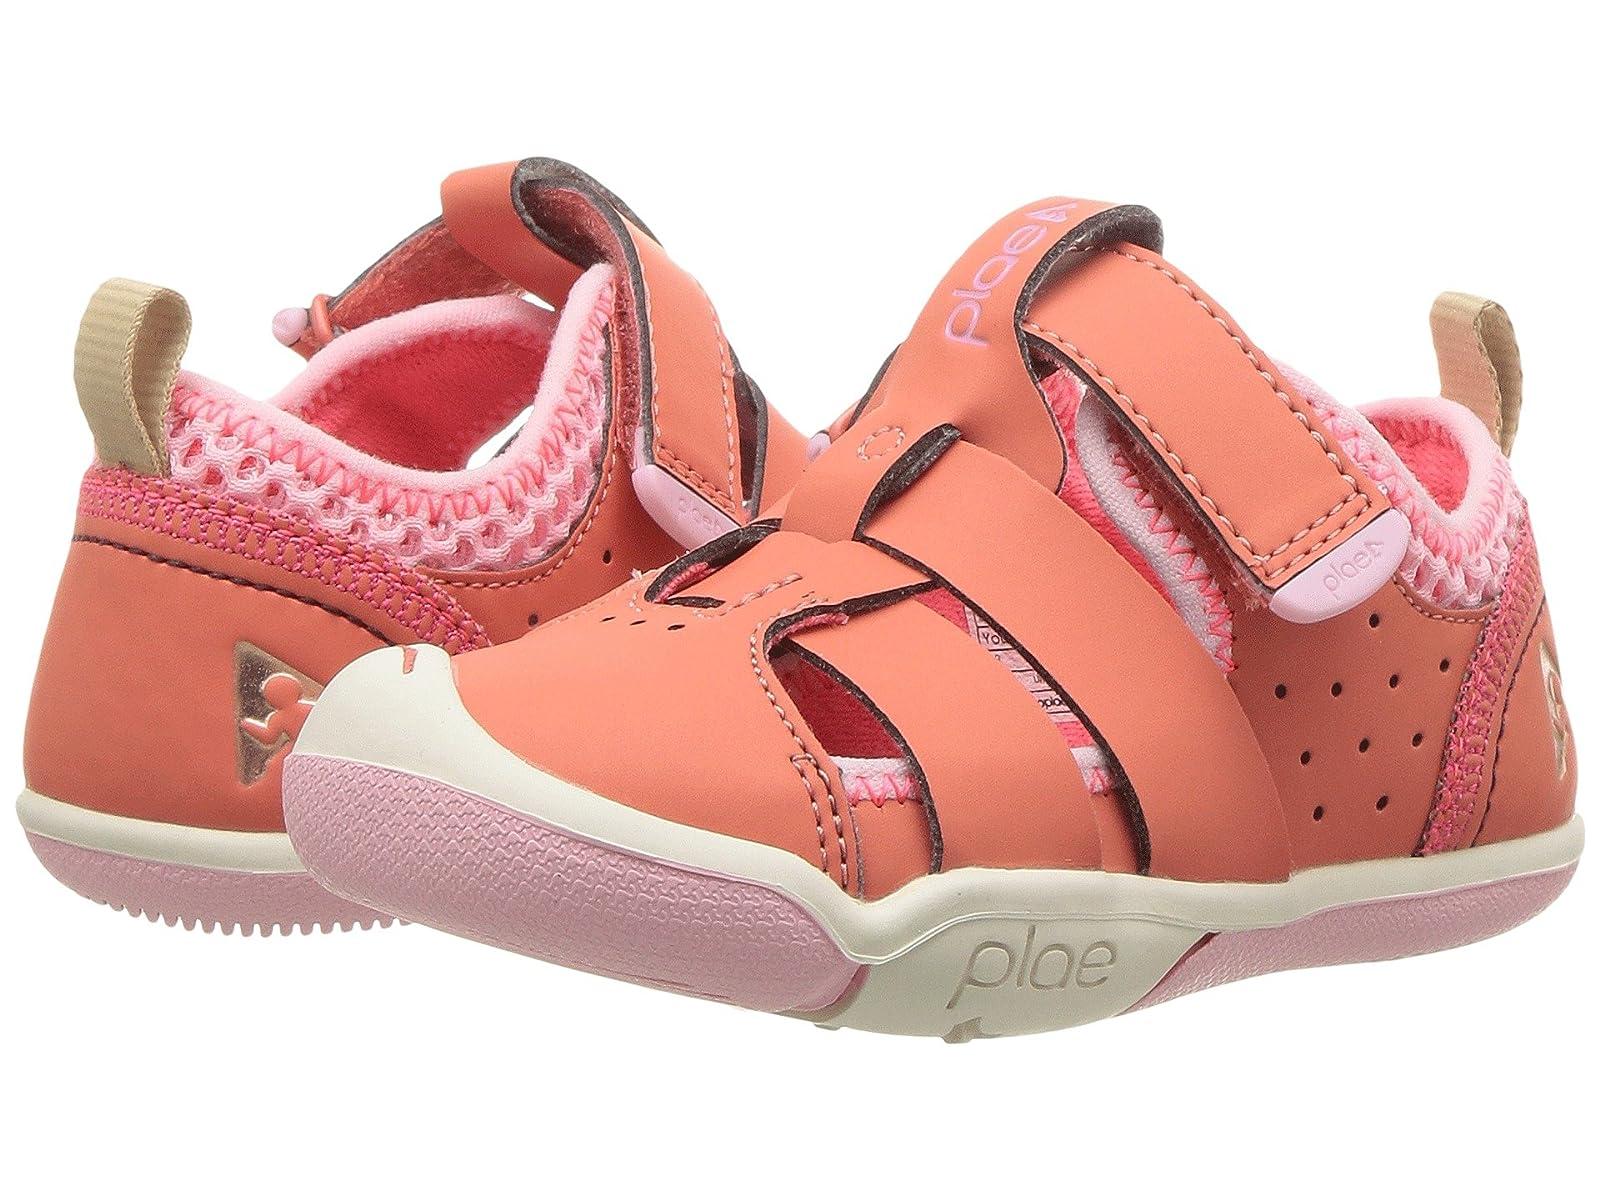 PLAE Sam (Toddler/Little Kid)Atmospheric grades have affordable shoes